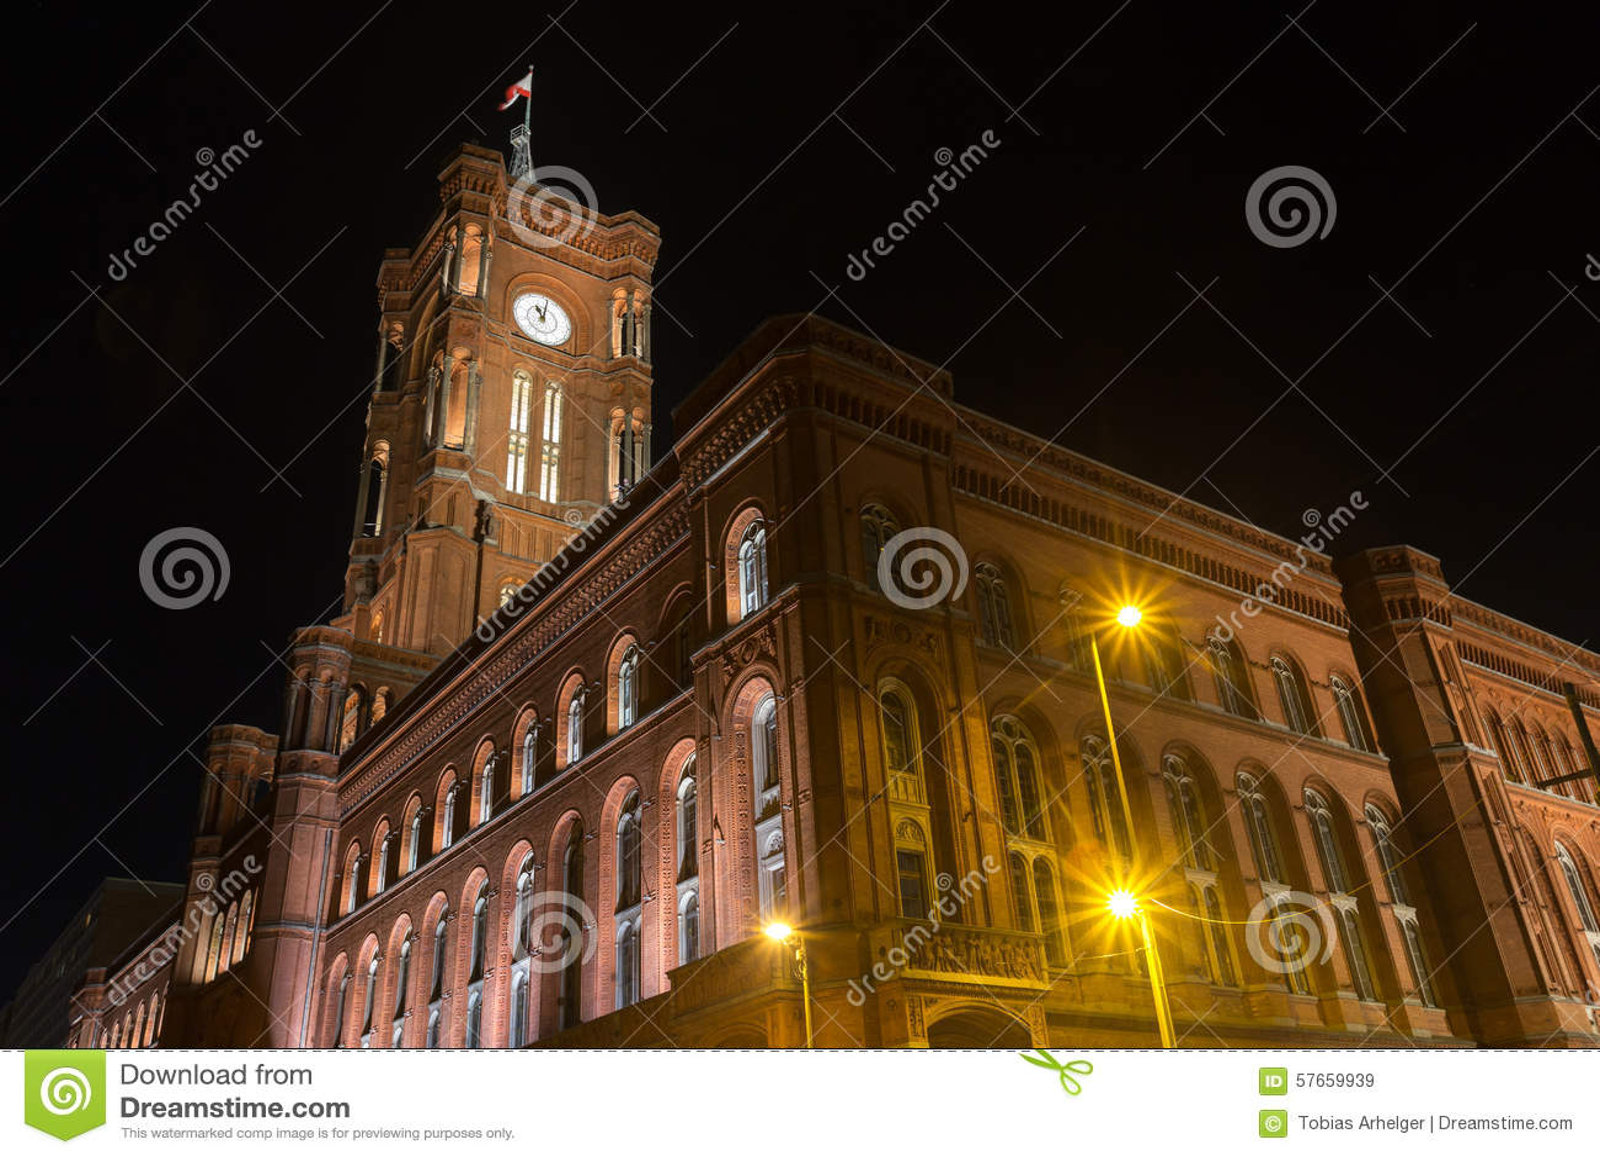 Stary stadthaus budynek w Berlin Germany przy nocą